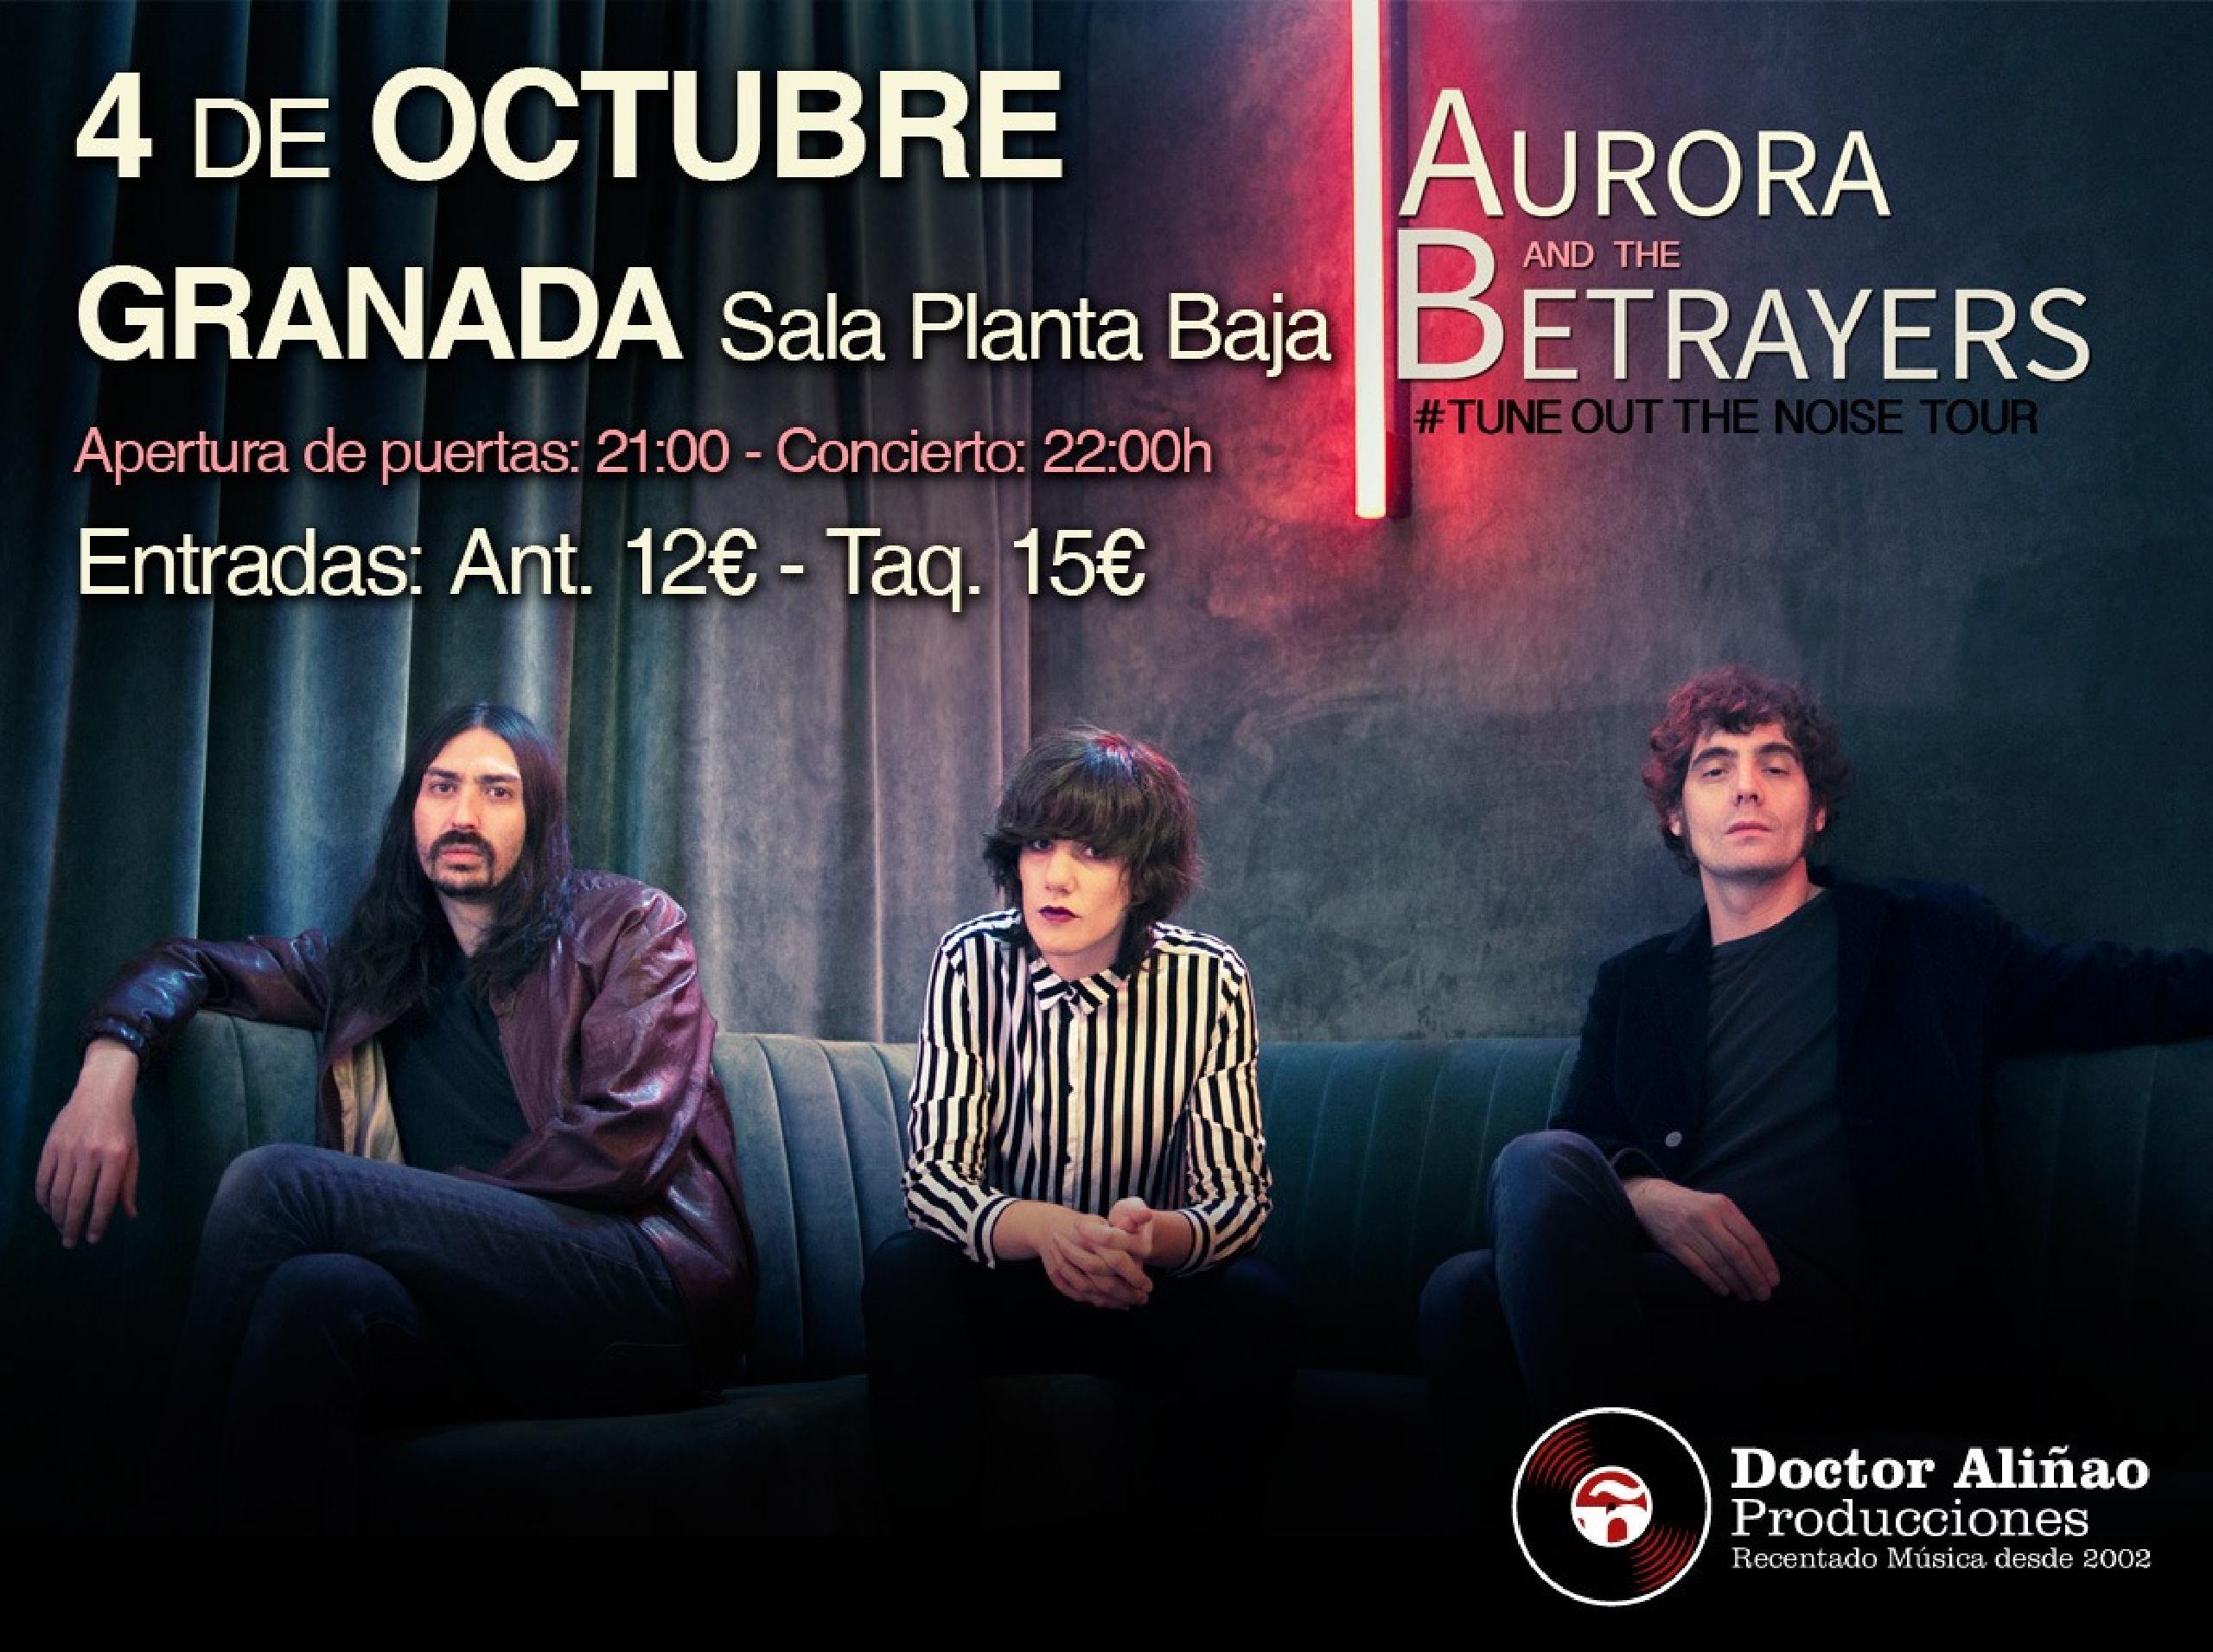 Concierto de Aurora & The Betrayers en Granada